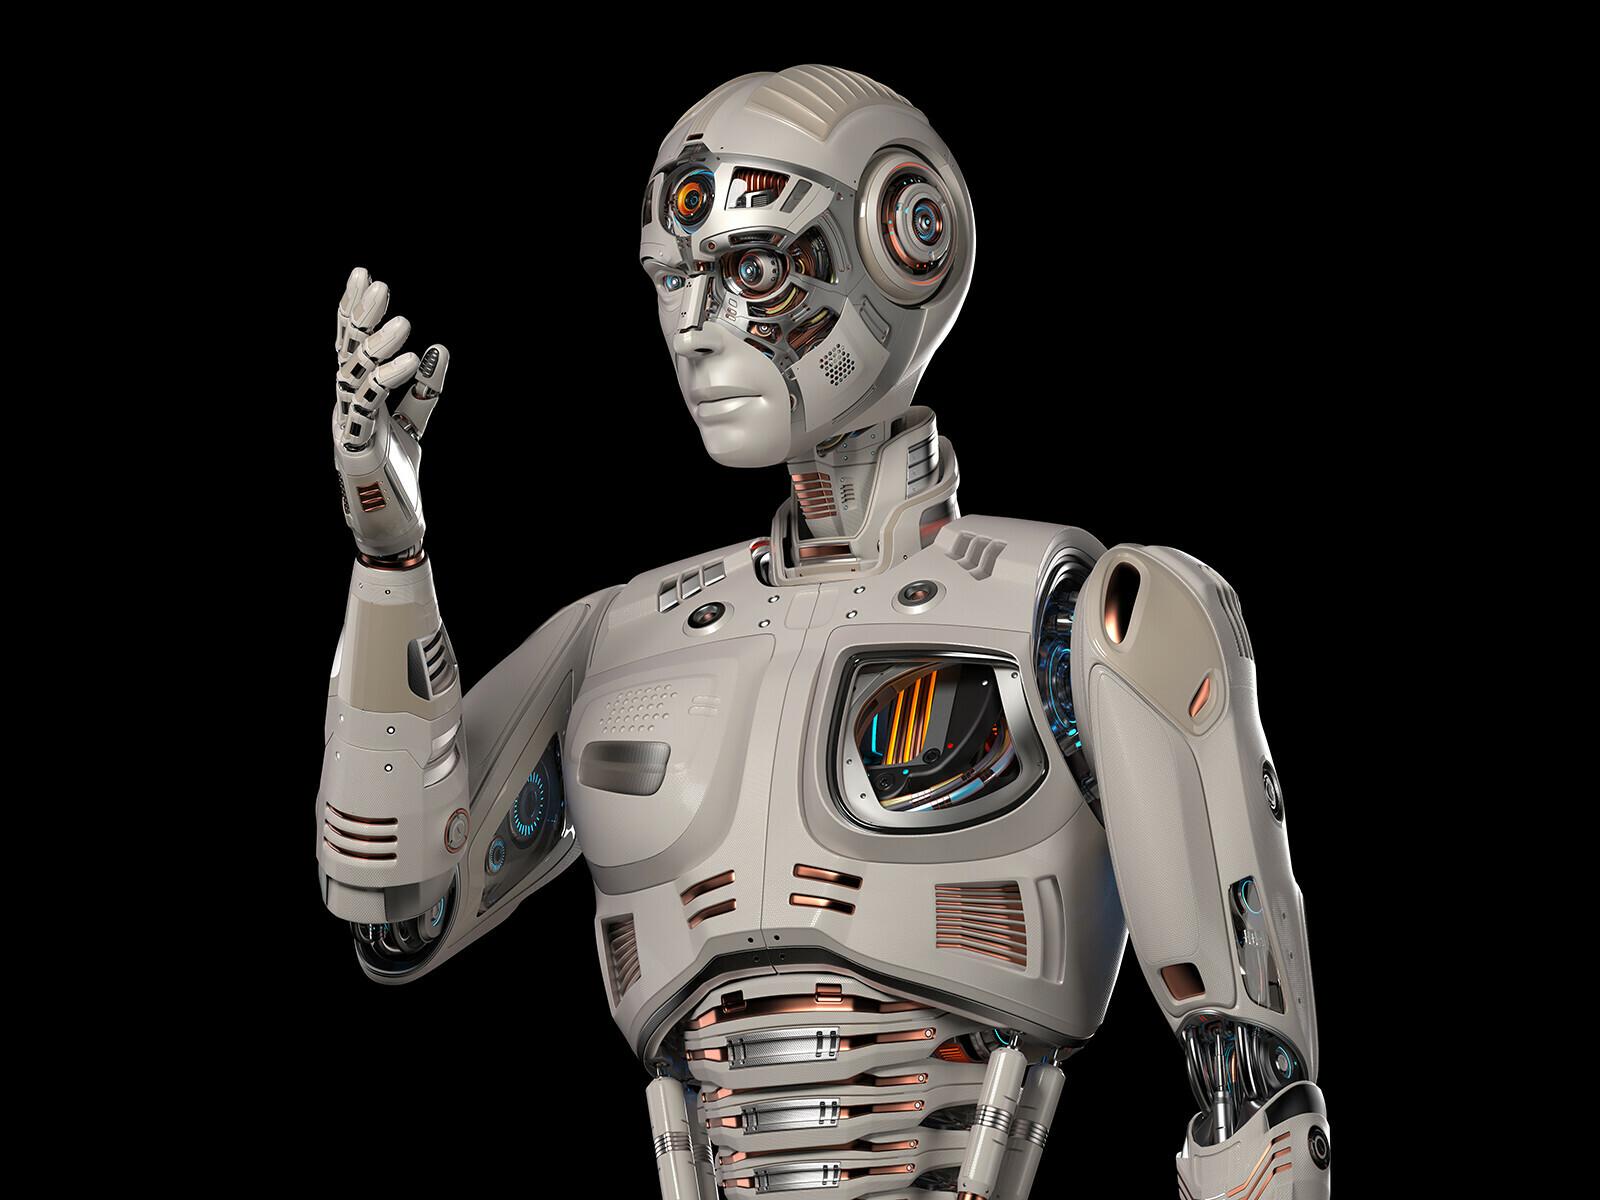 картинки роботов мужчин этого